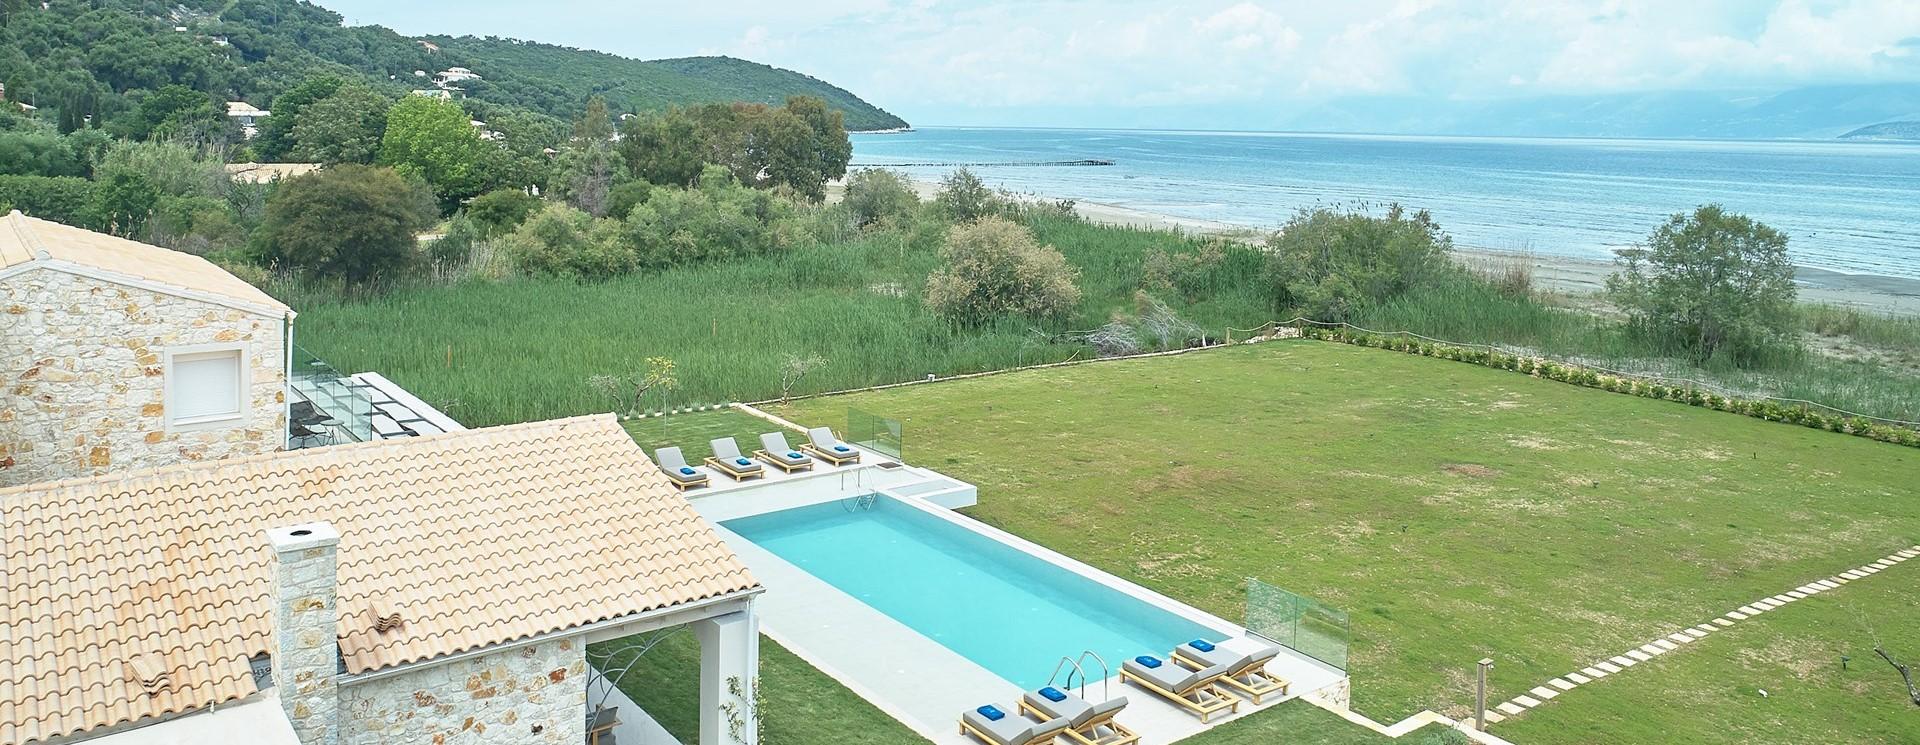 nero-beach-house-corfu-beach